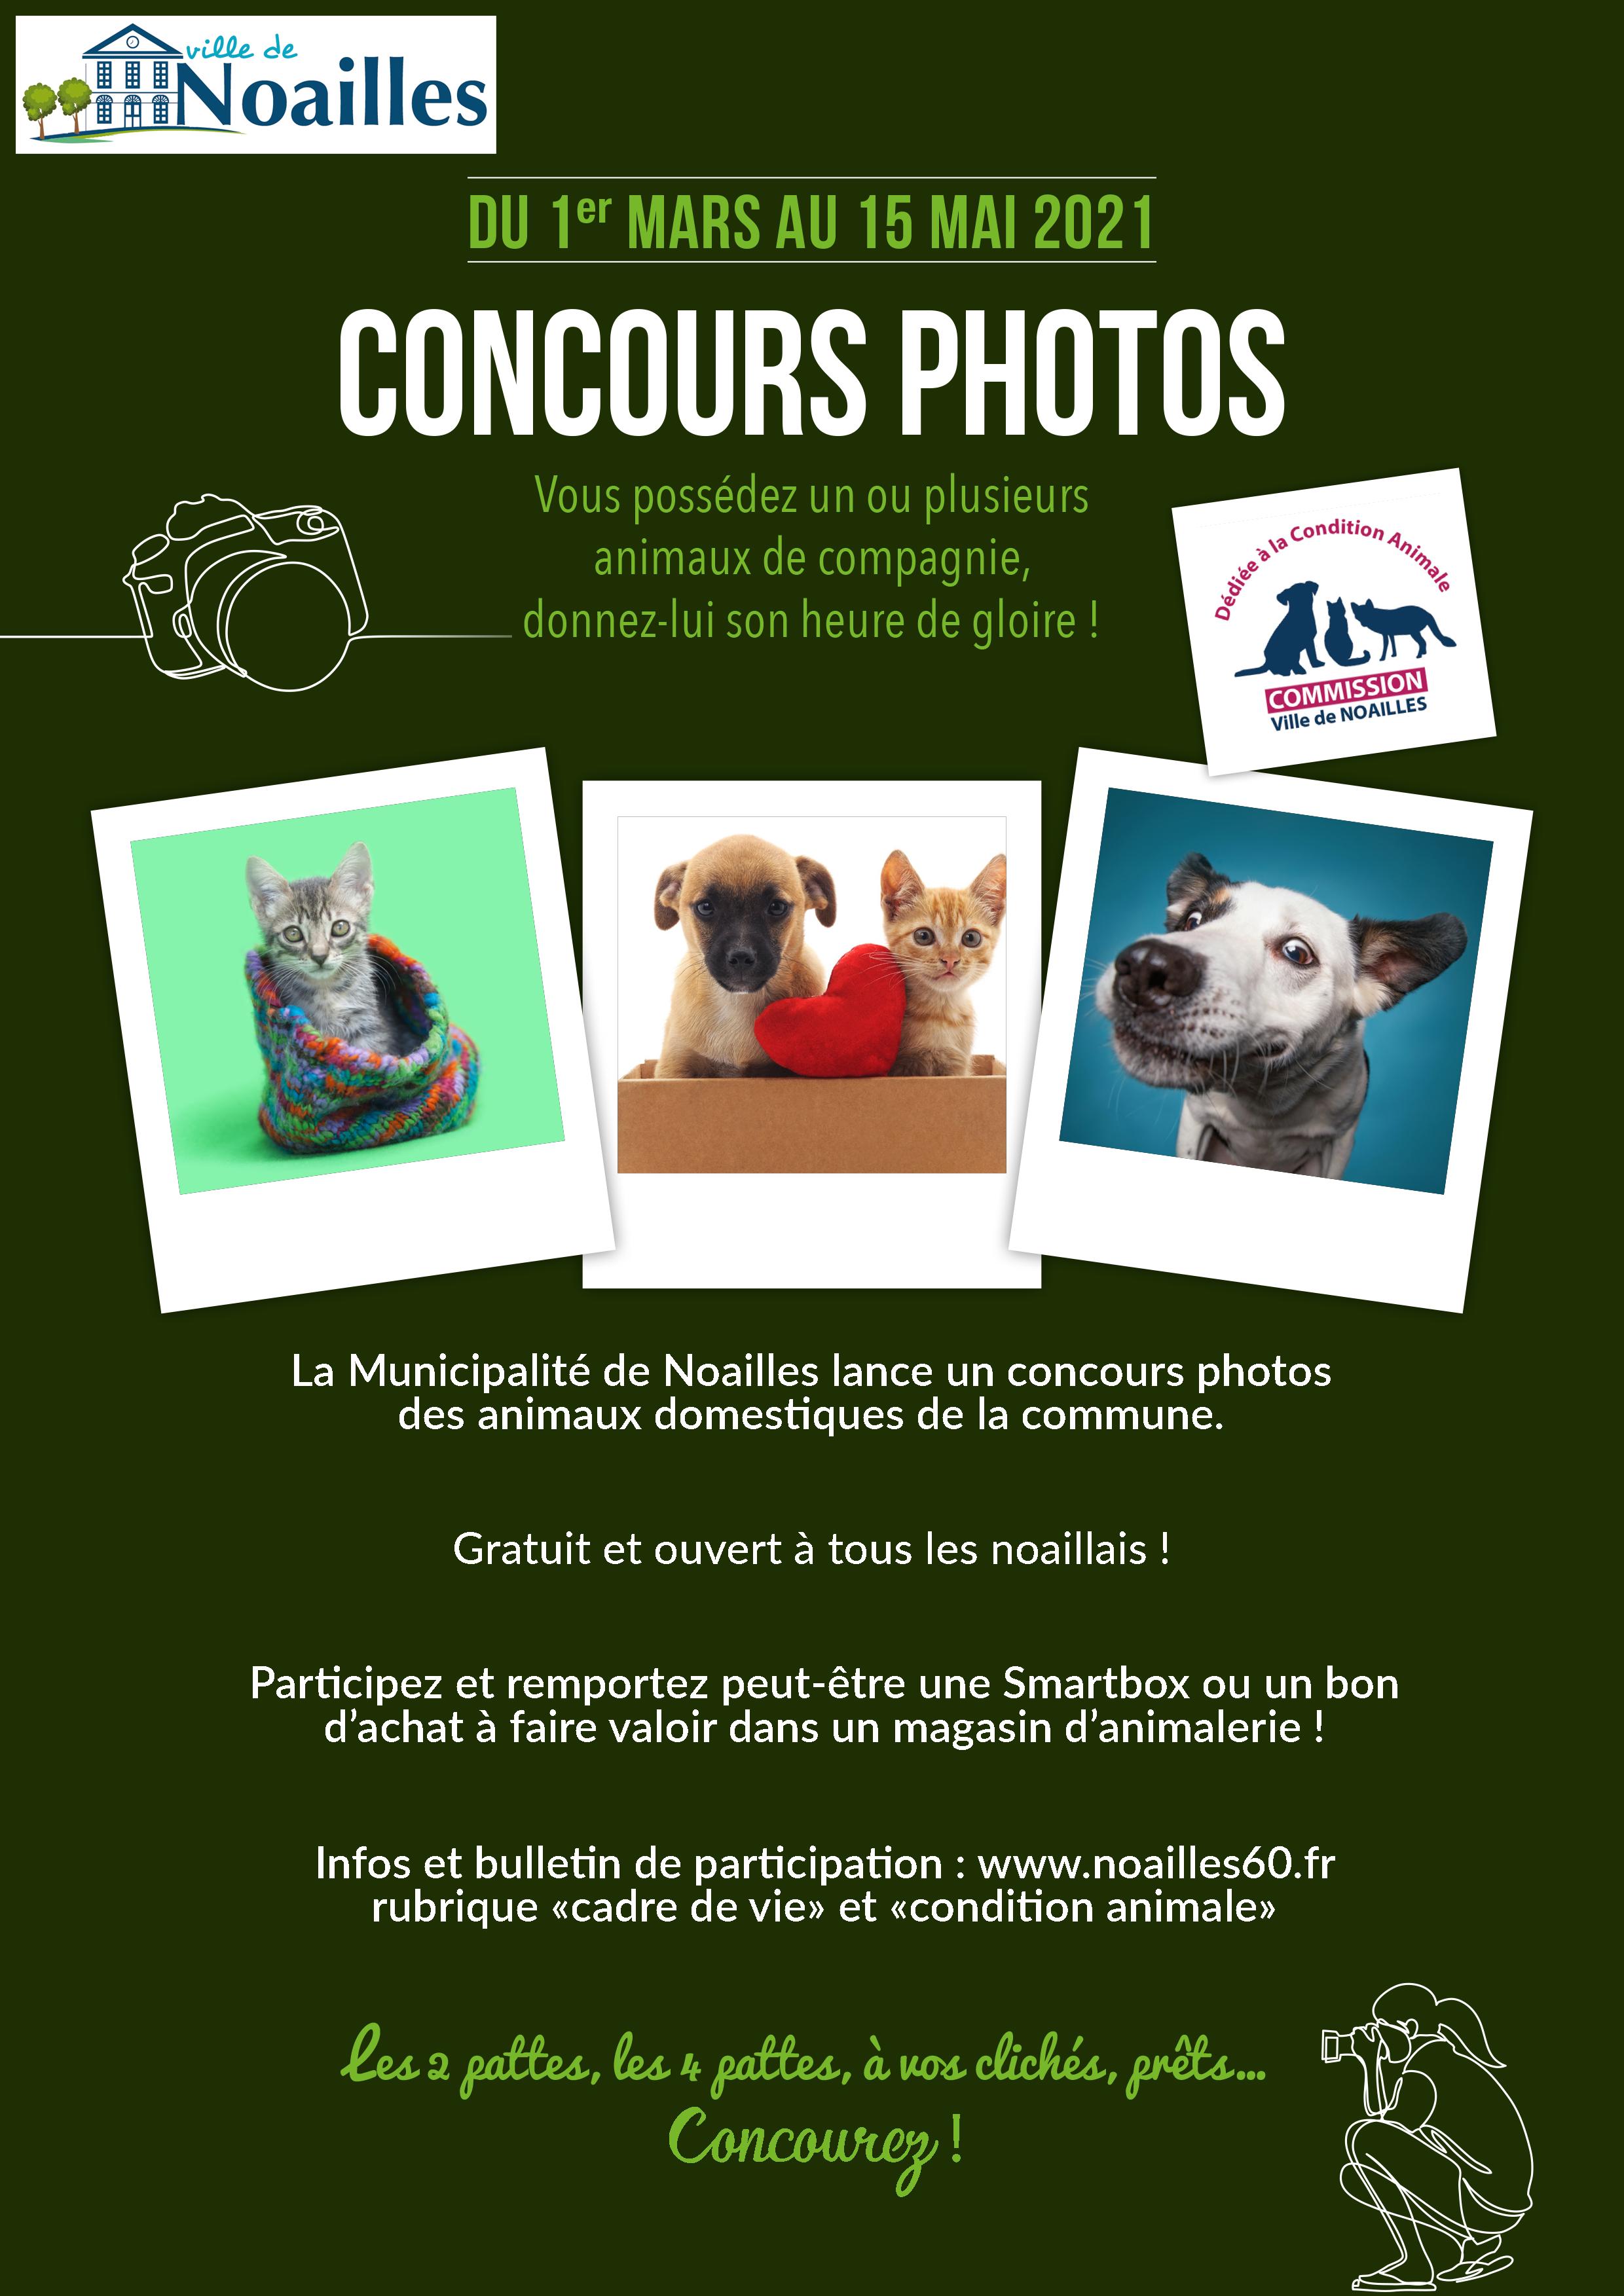 Affiche concours photos - flyers allégés.png